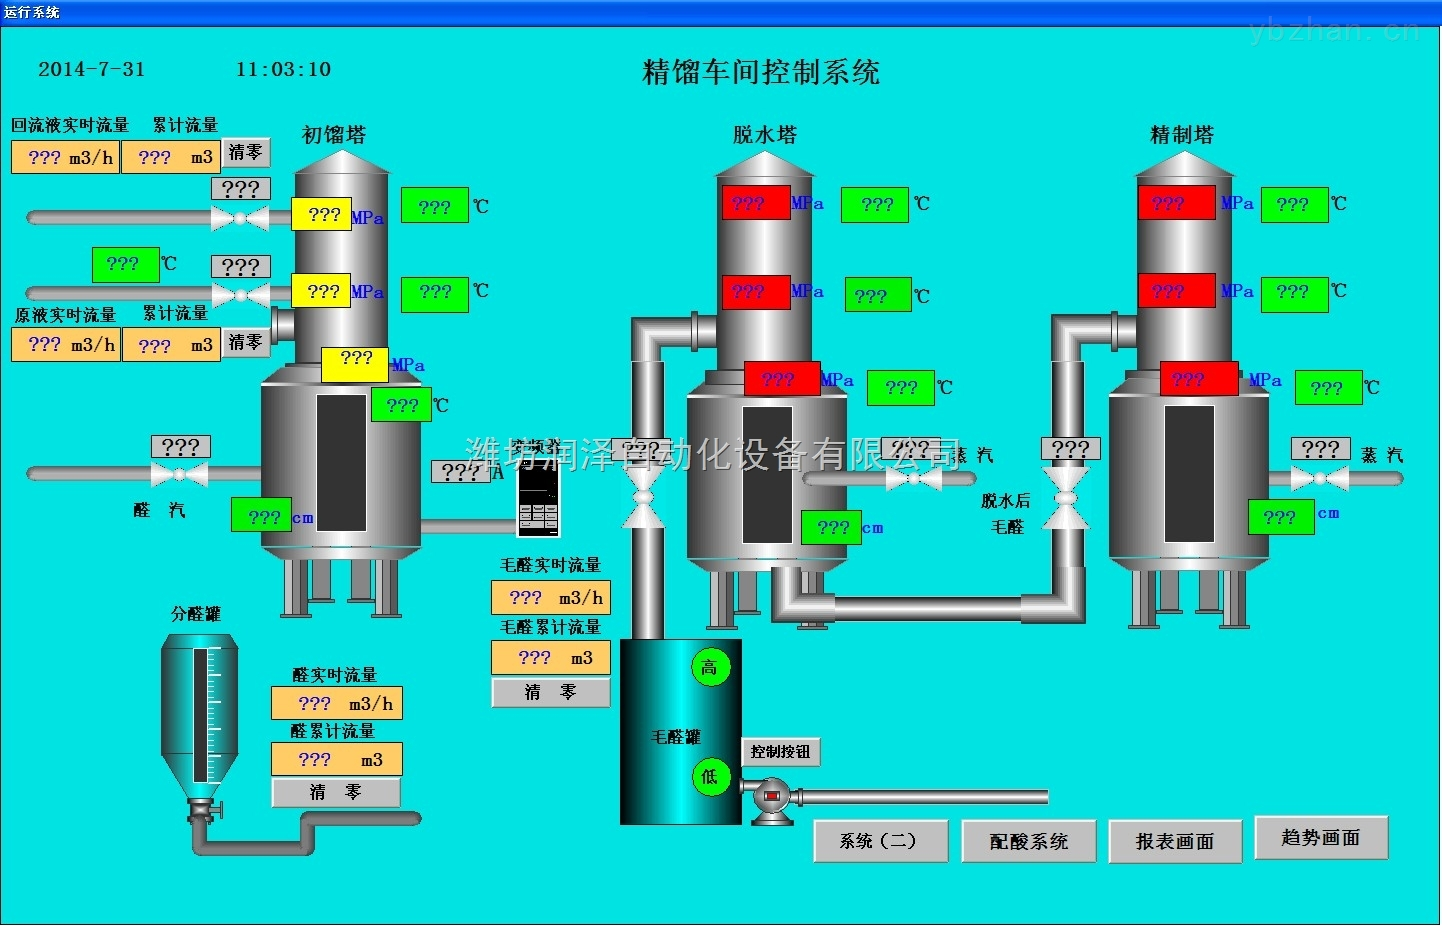 西门子PLC被潍坊润泽应用到安全仪表和化工工控中